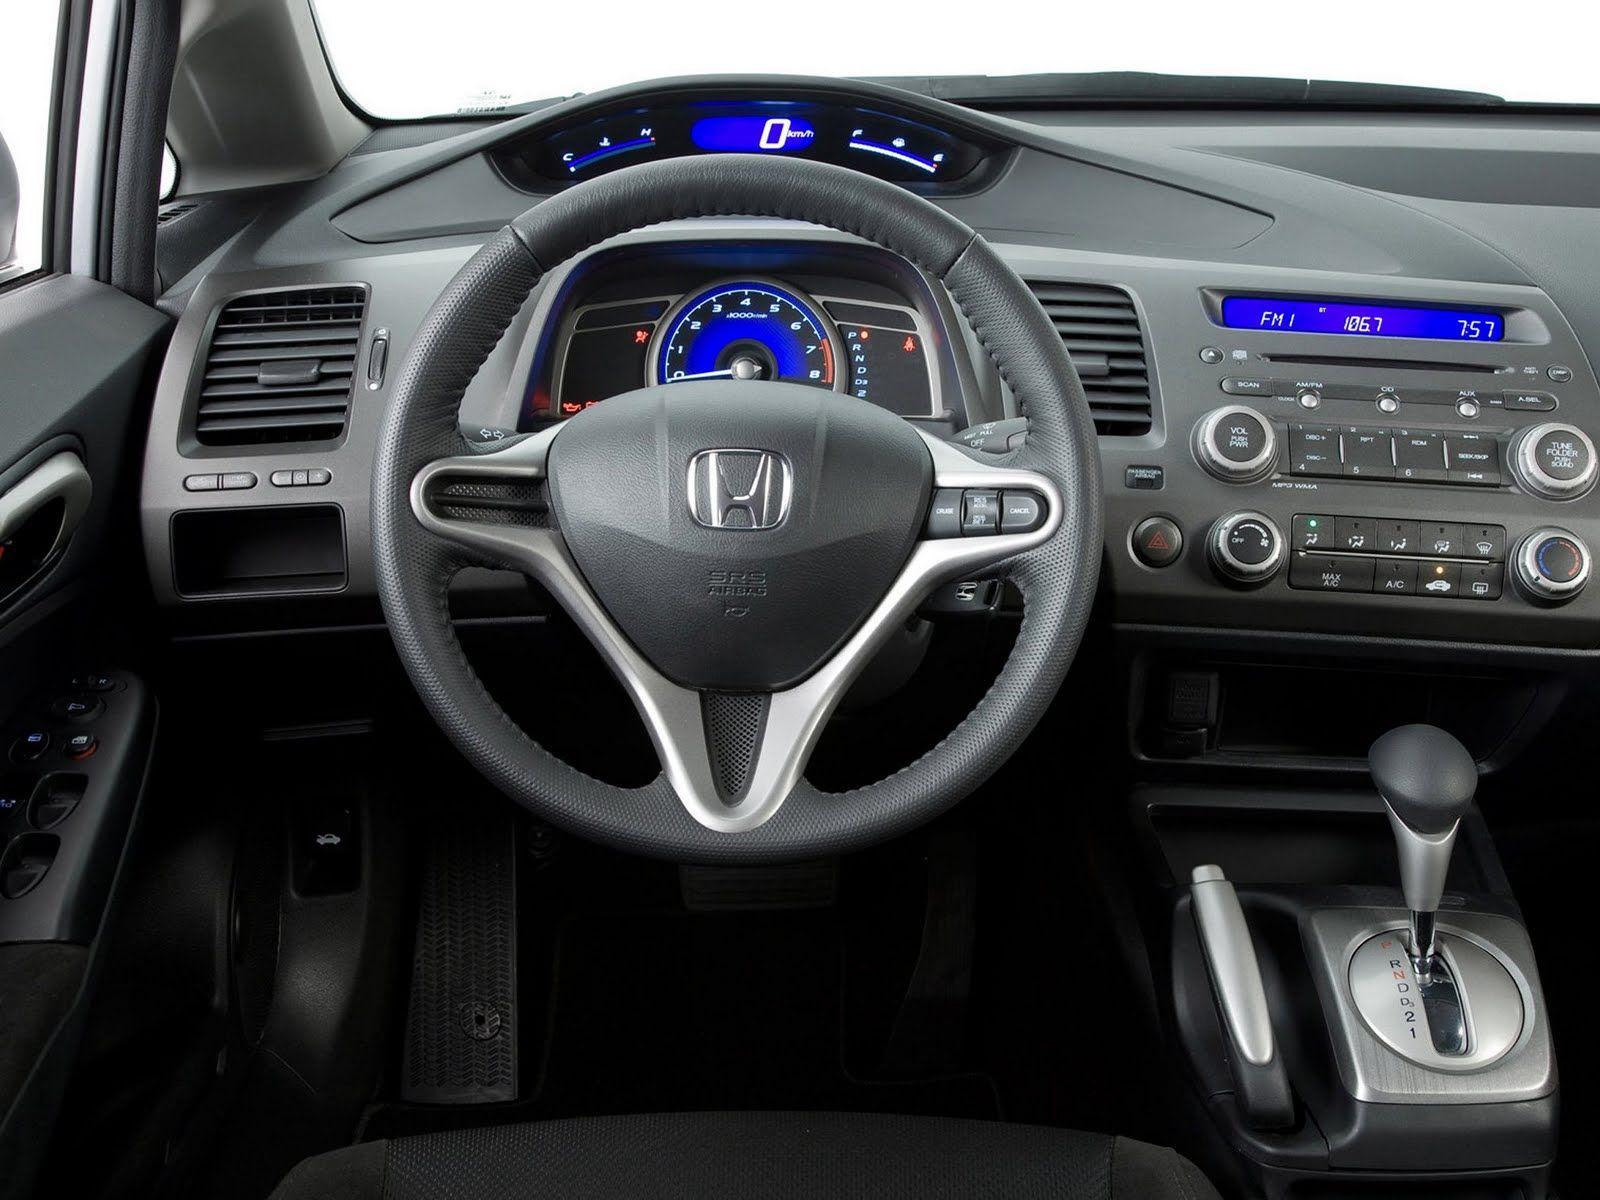 Kekurangan Honda Civic 2011 Harga